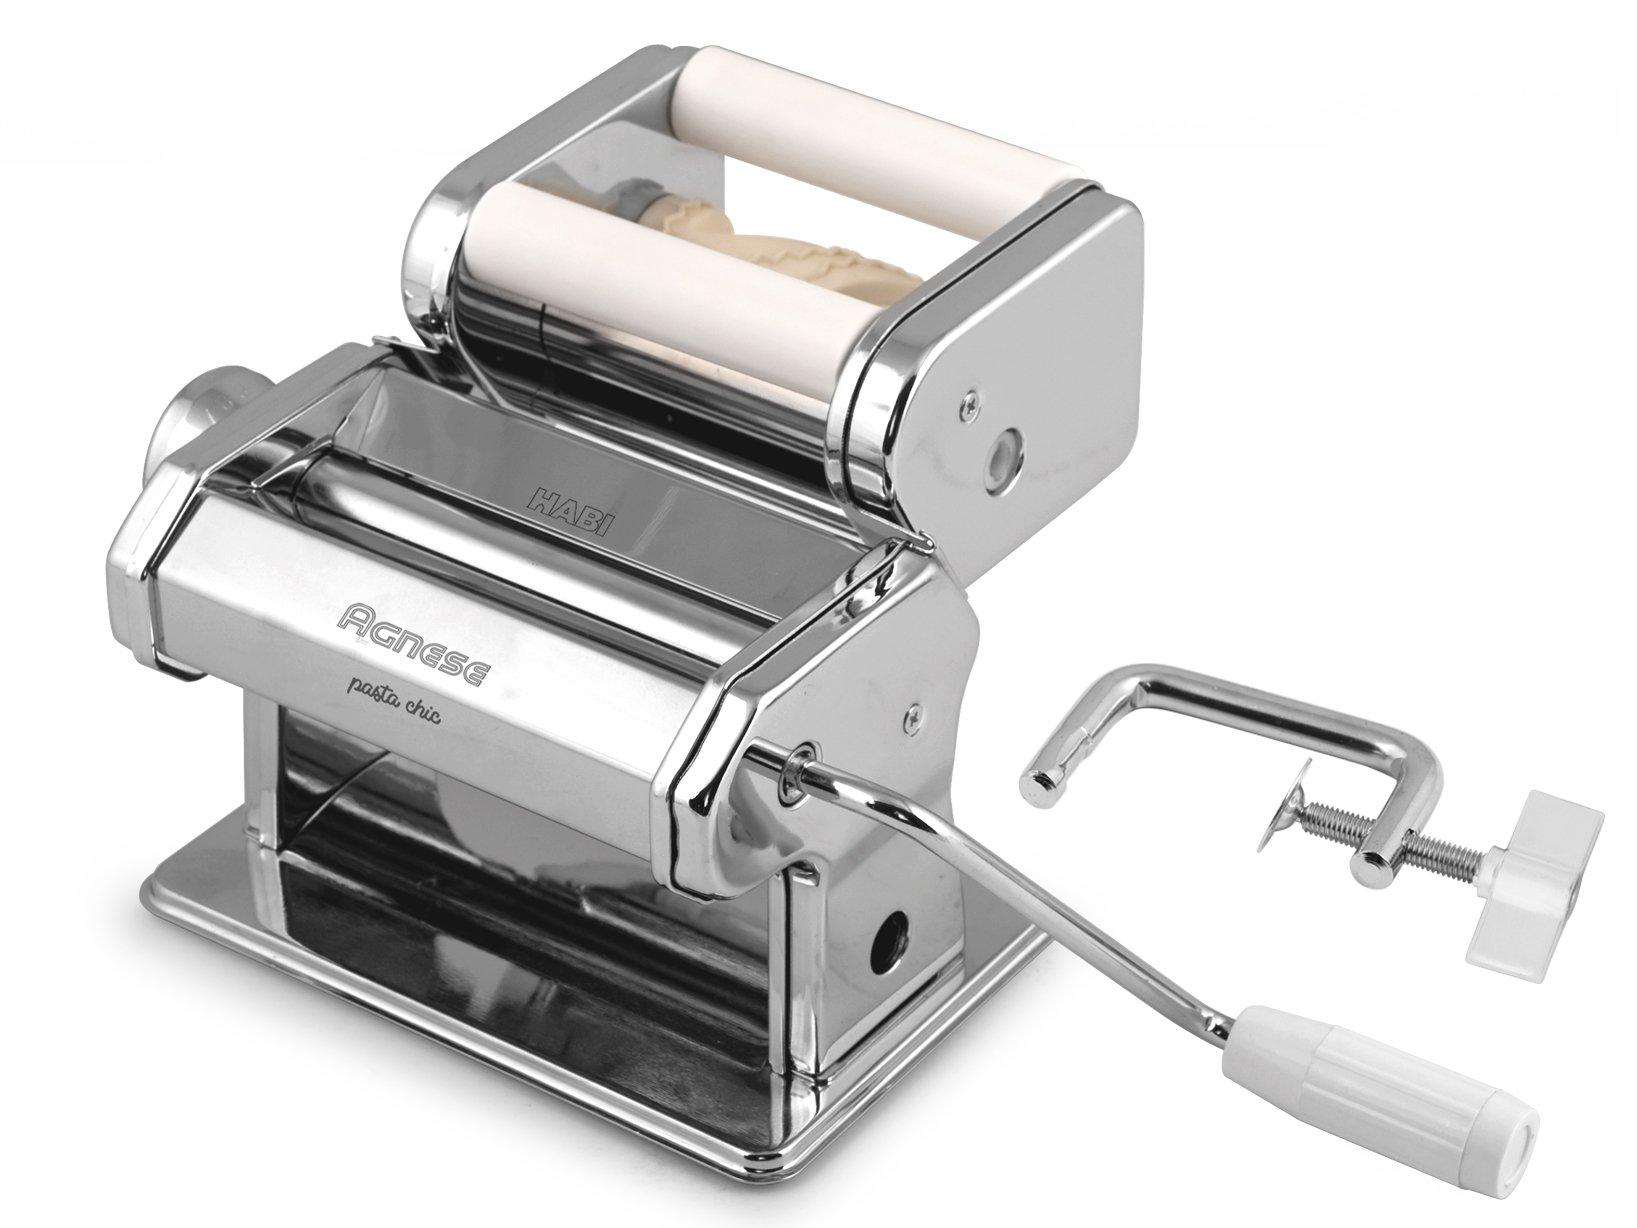 Habi 8409700 Macchina Pasta per Tortellini, 150 mm, Inossidabile, Acciaio